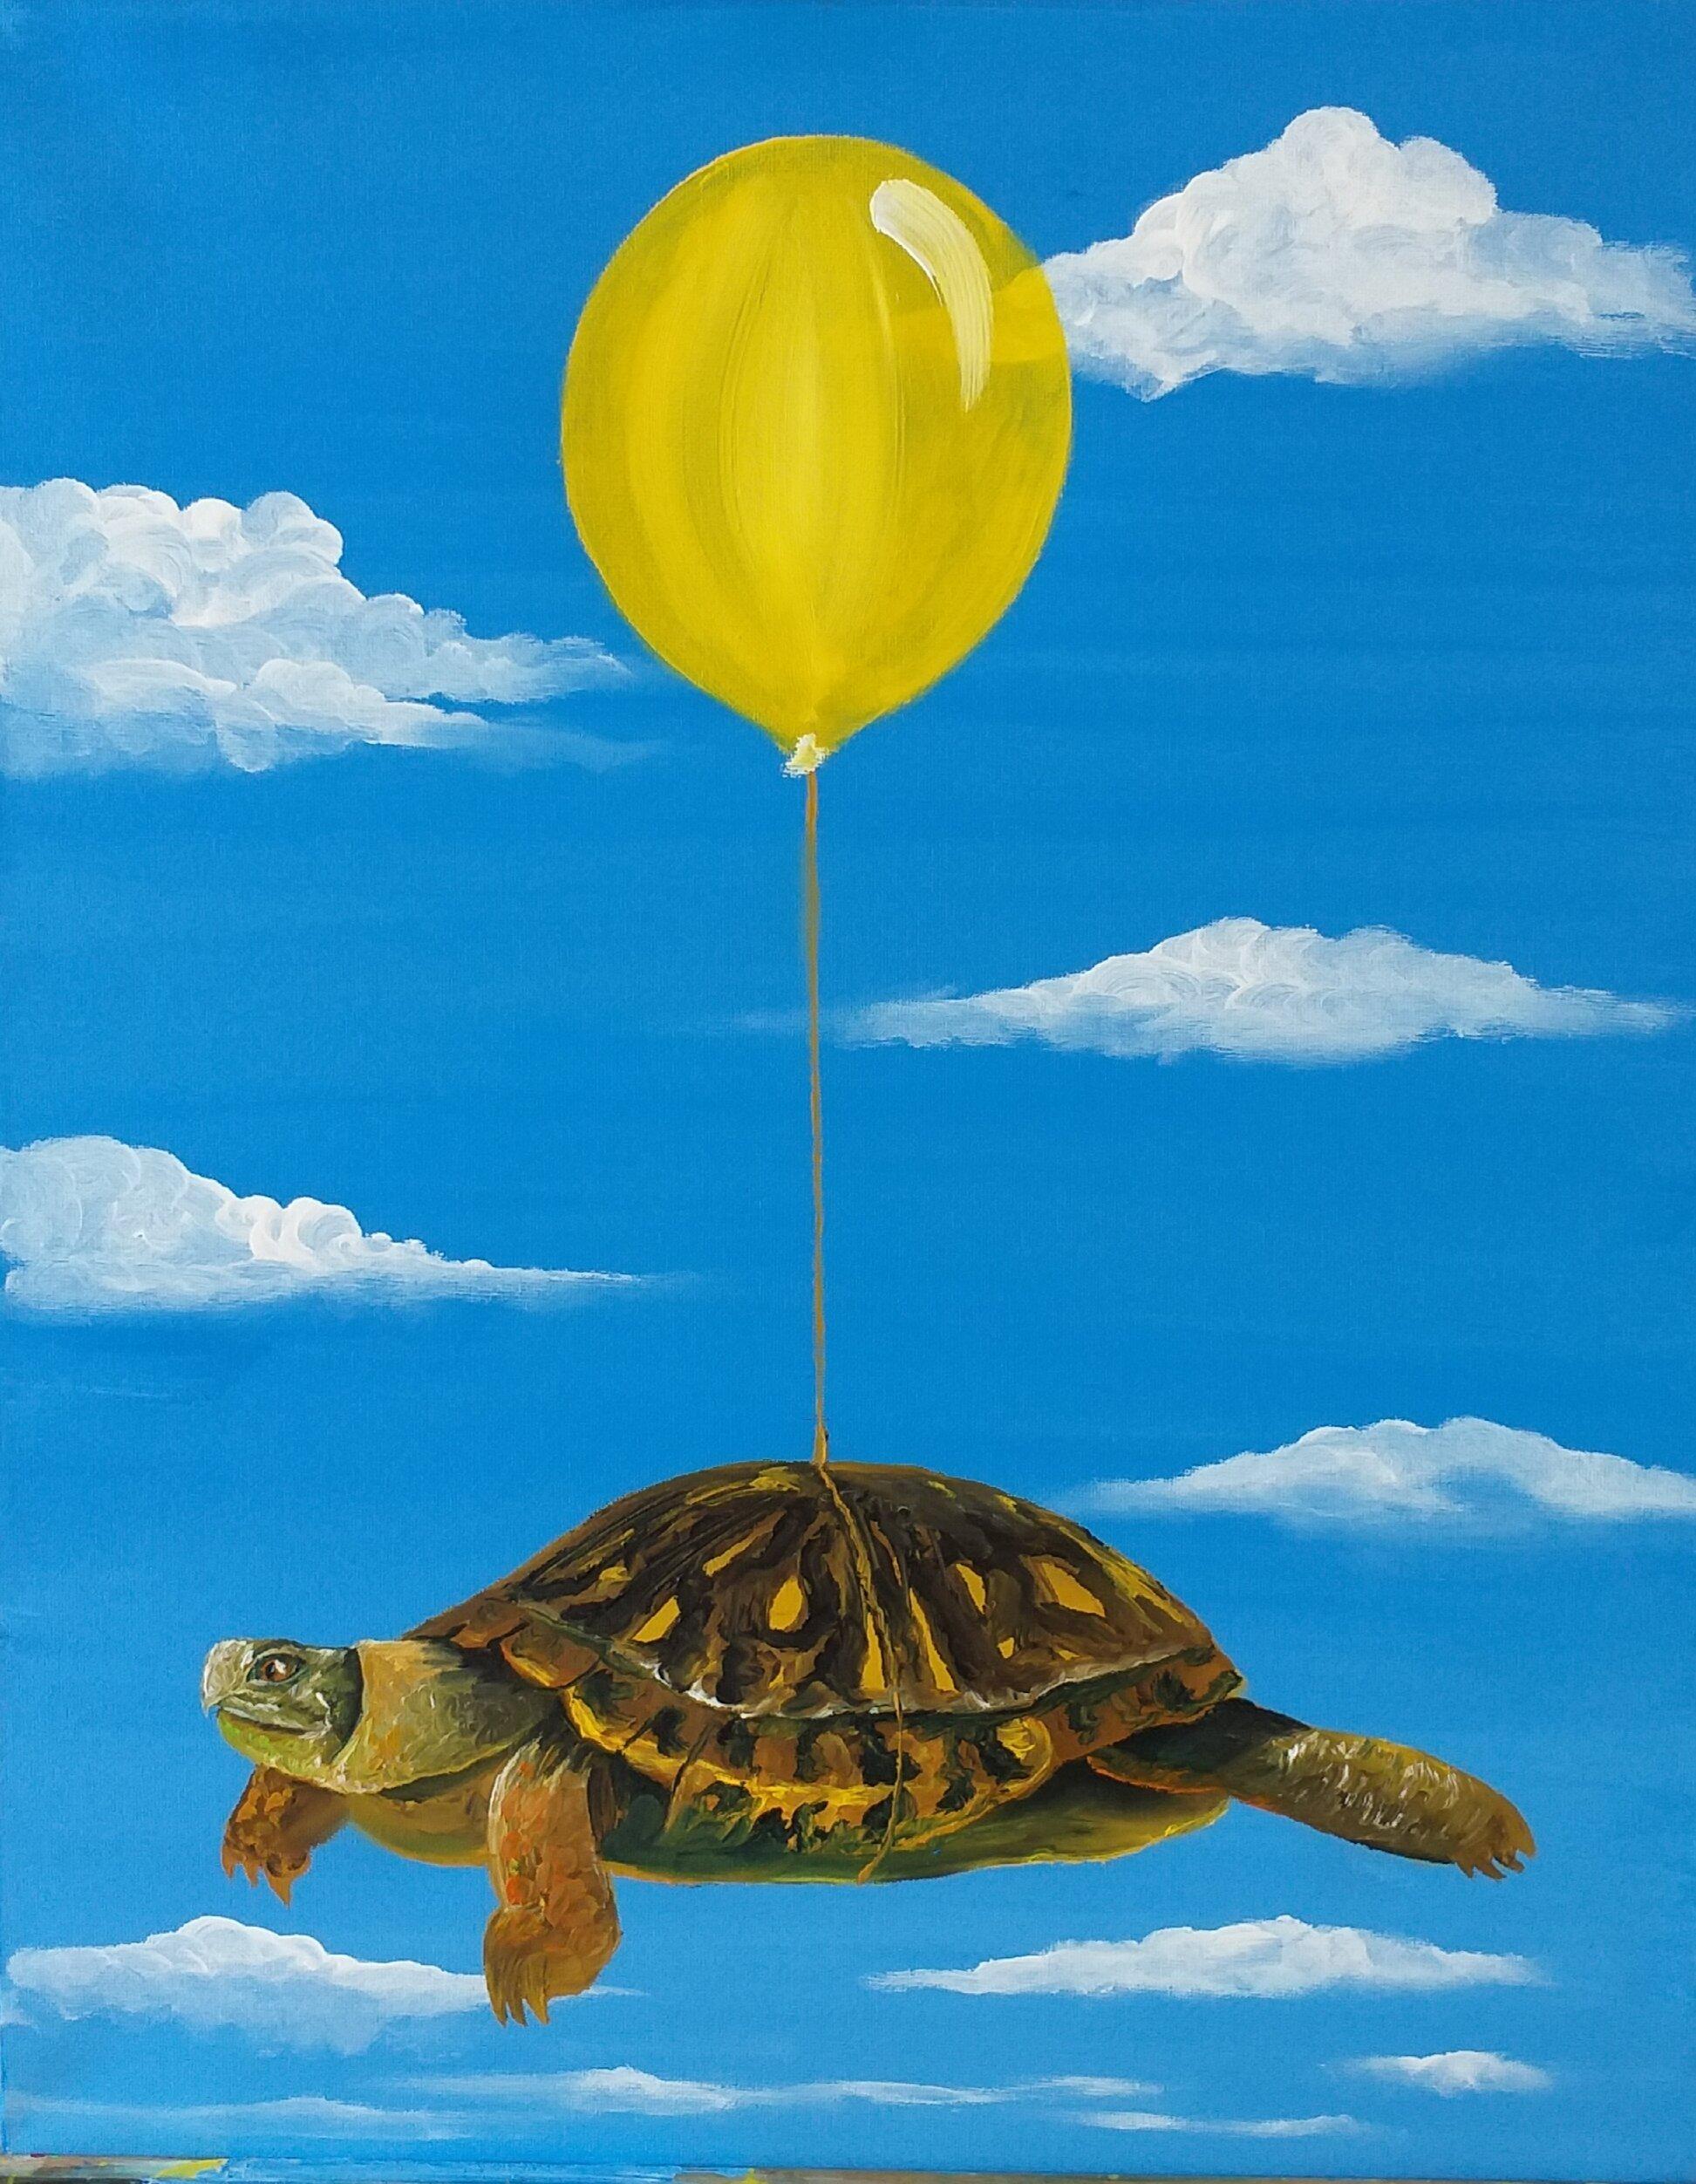 Flying turtle - 2019